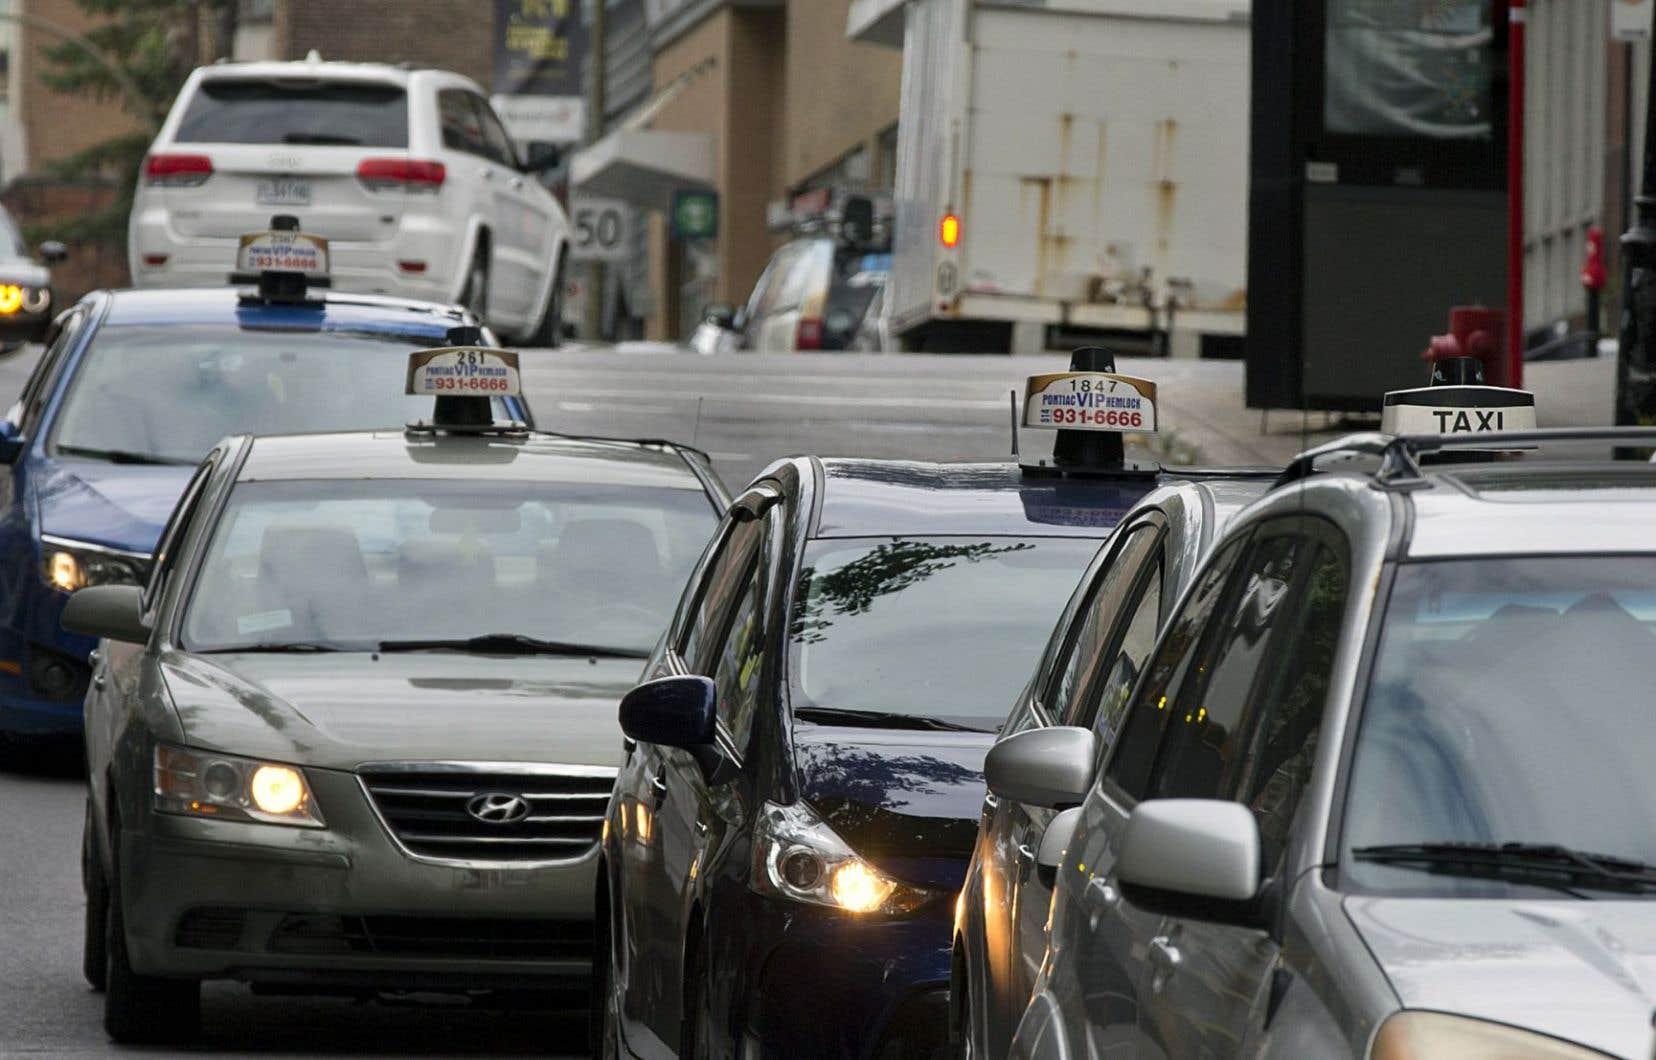 Les chauffeurs de taxi sont en colère; la valeur de leurs permis s'effondre et ils doivent travailler plus pour arriver à gagner leur vie.